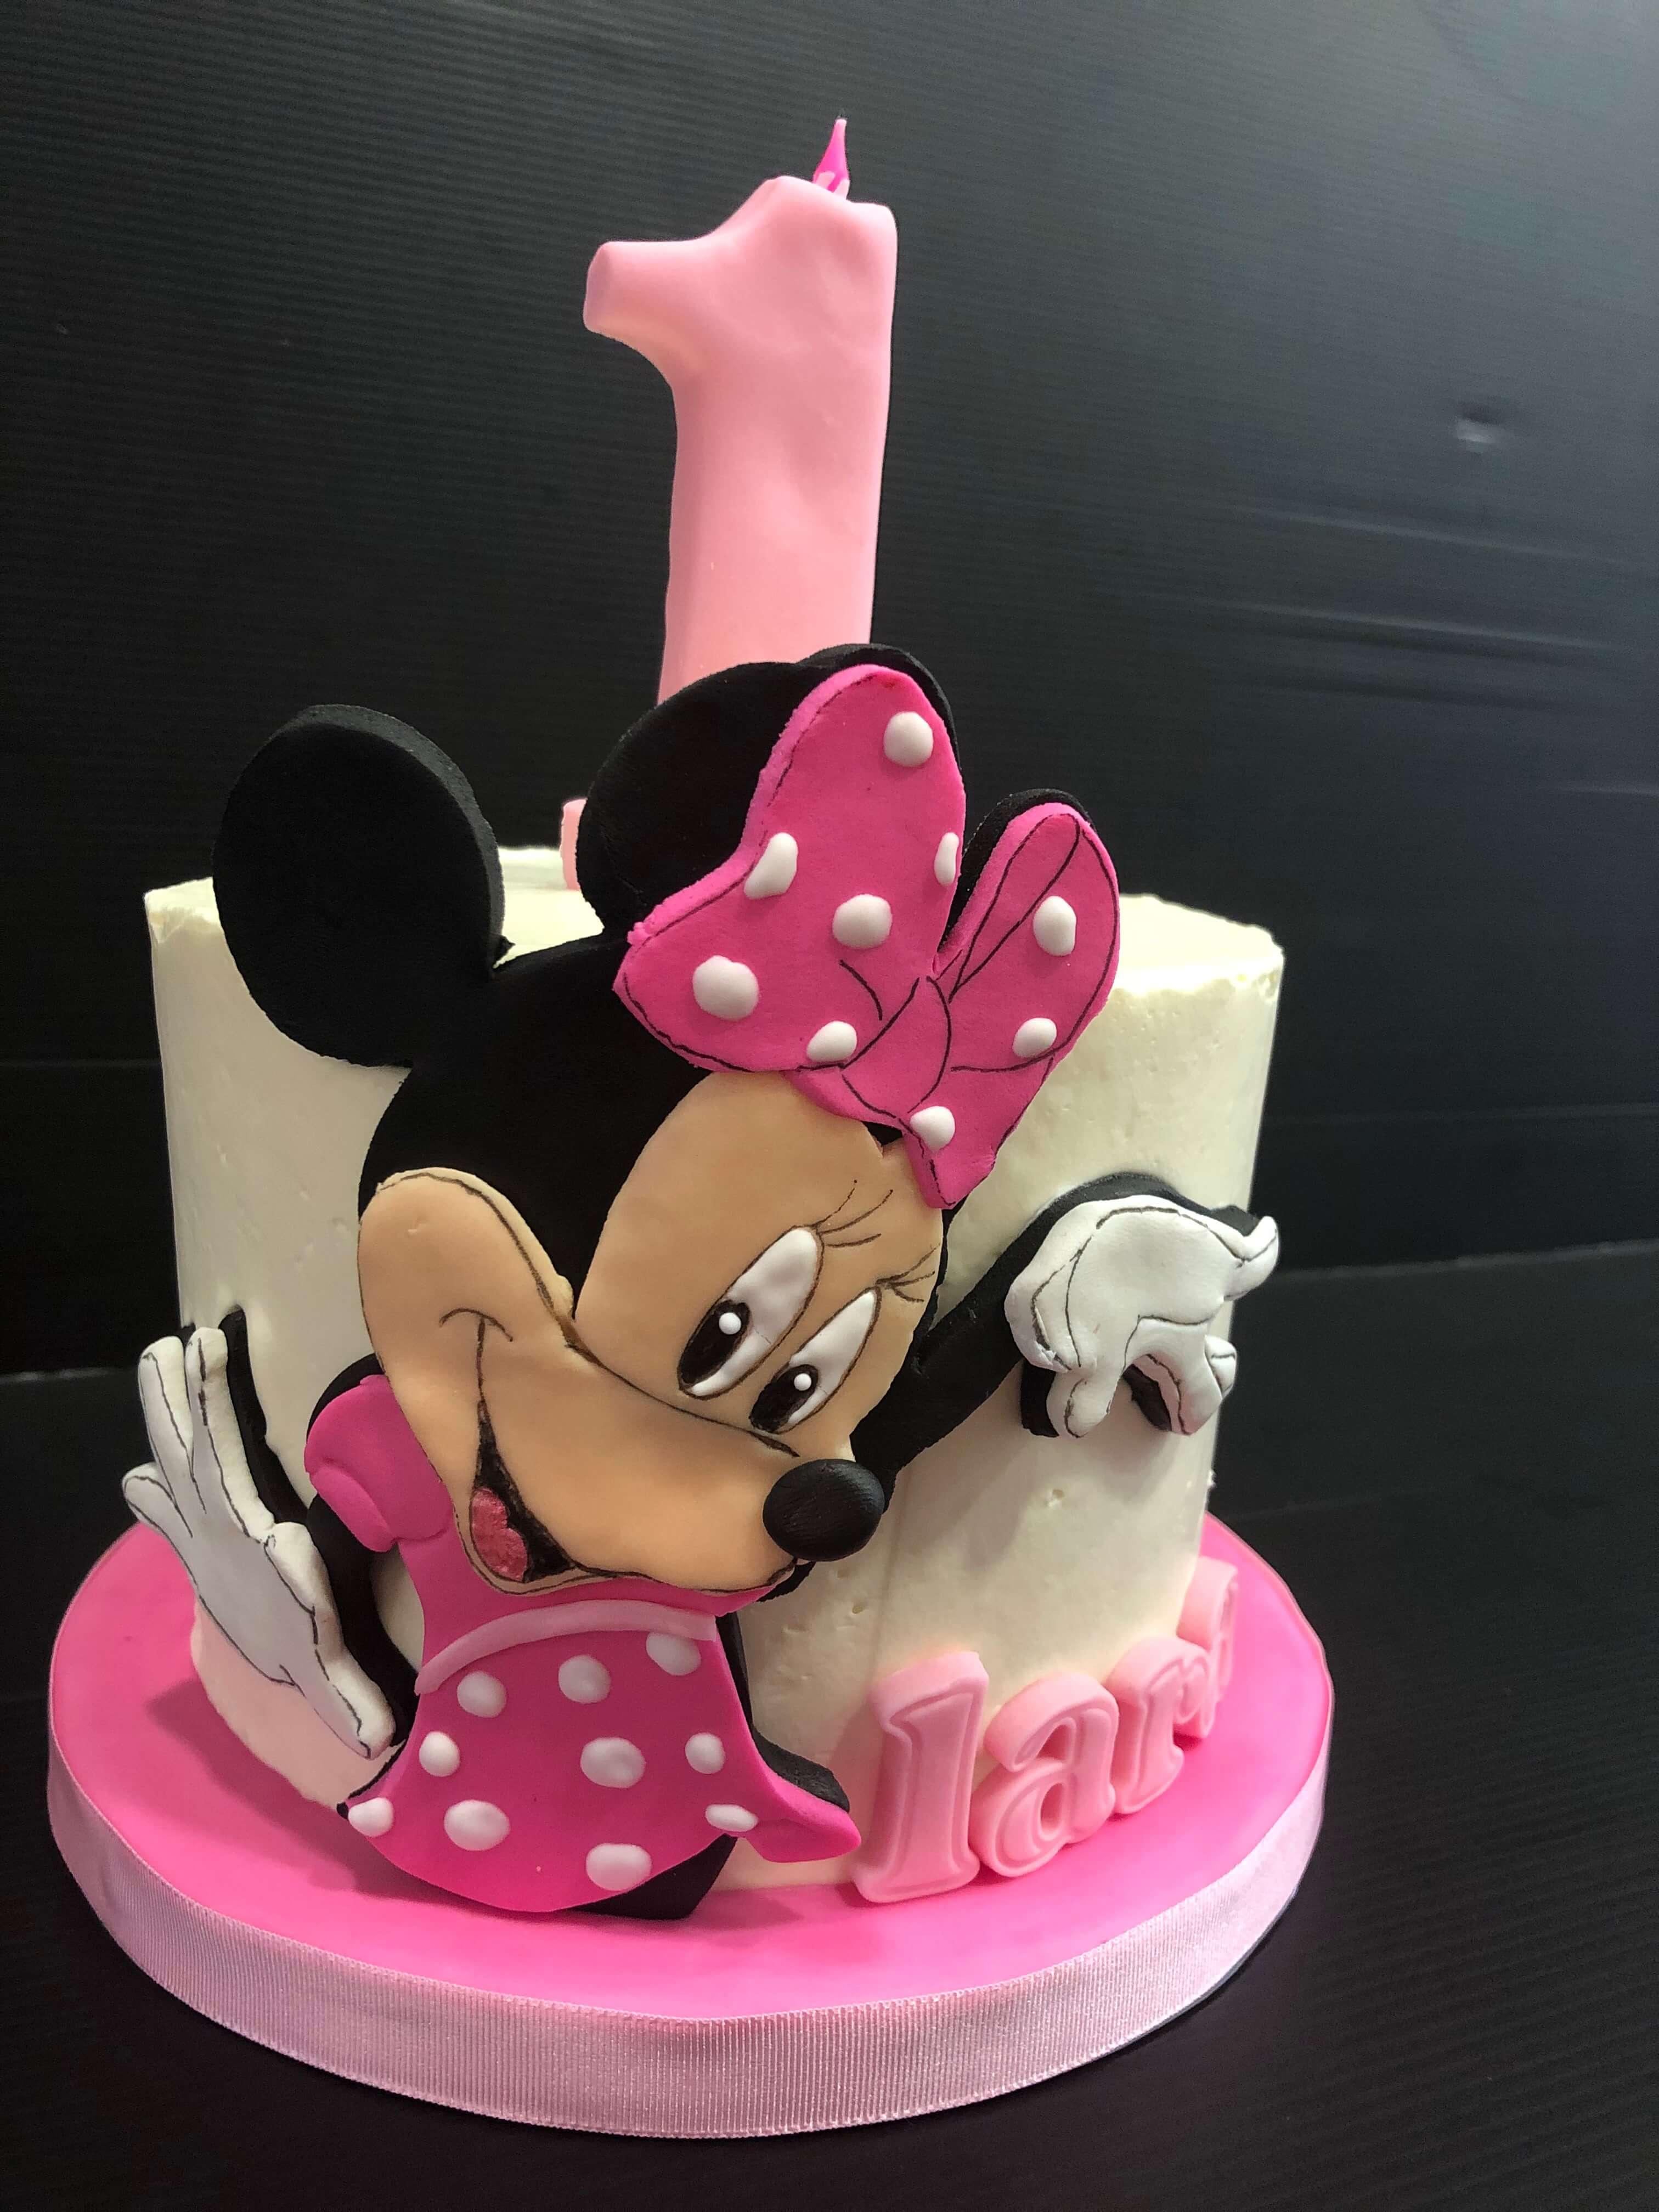 Tarta Minnie Mousse cumpleaños